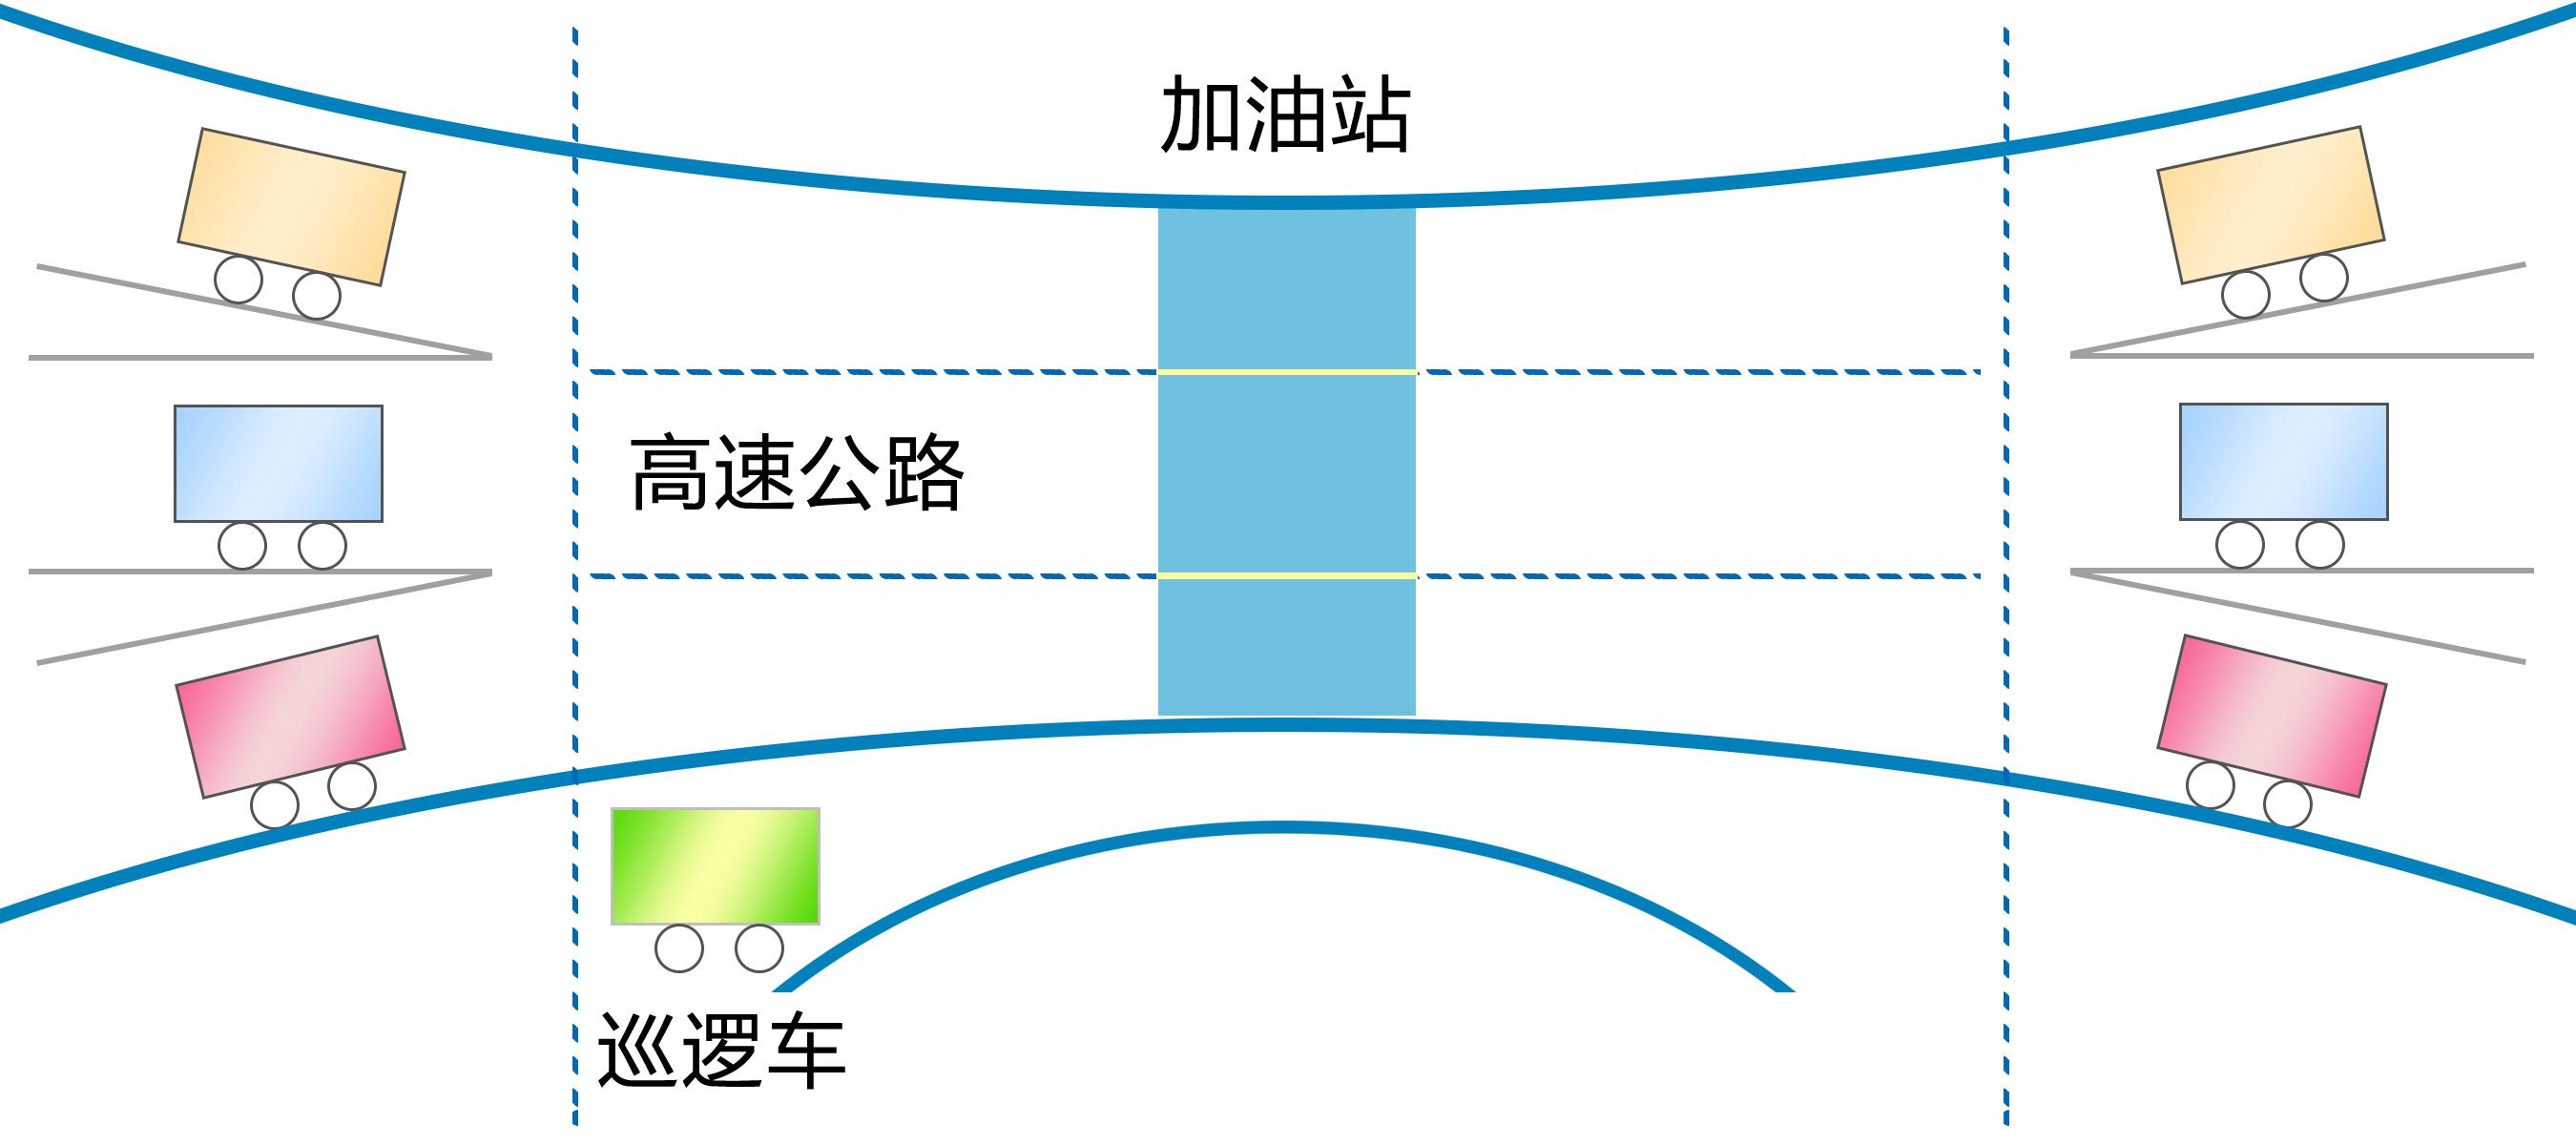 1分钟让你了解WDM波分复用技术